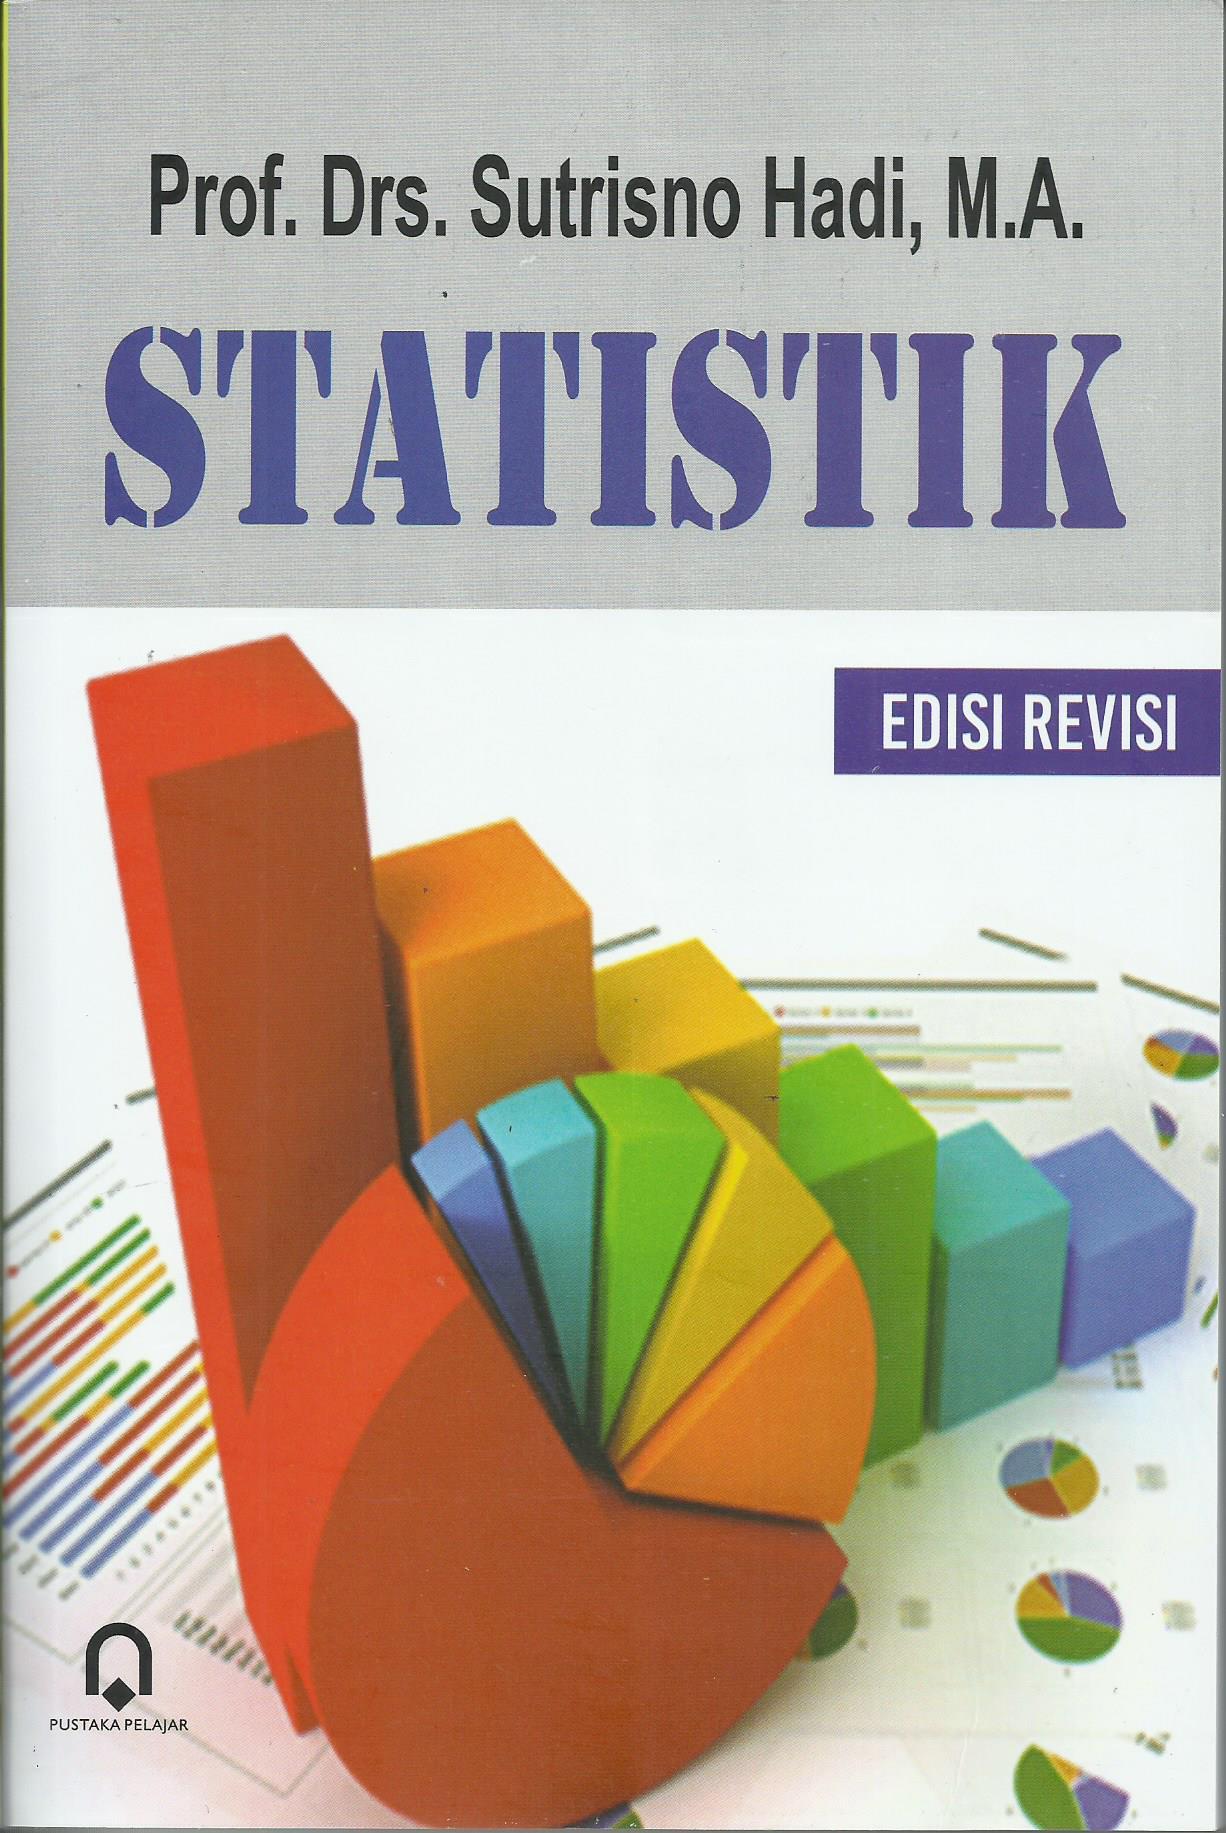 STATISTIK (edisi revisi)